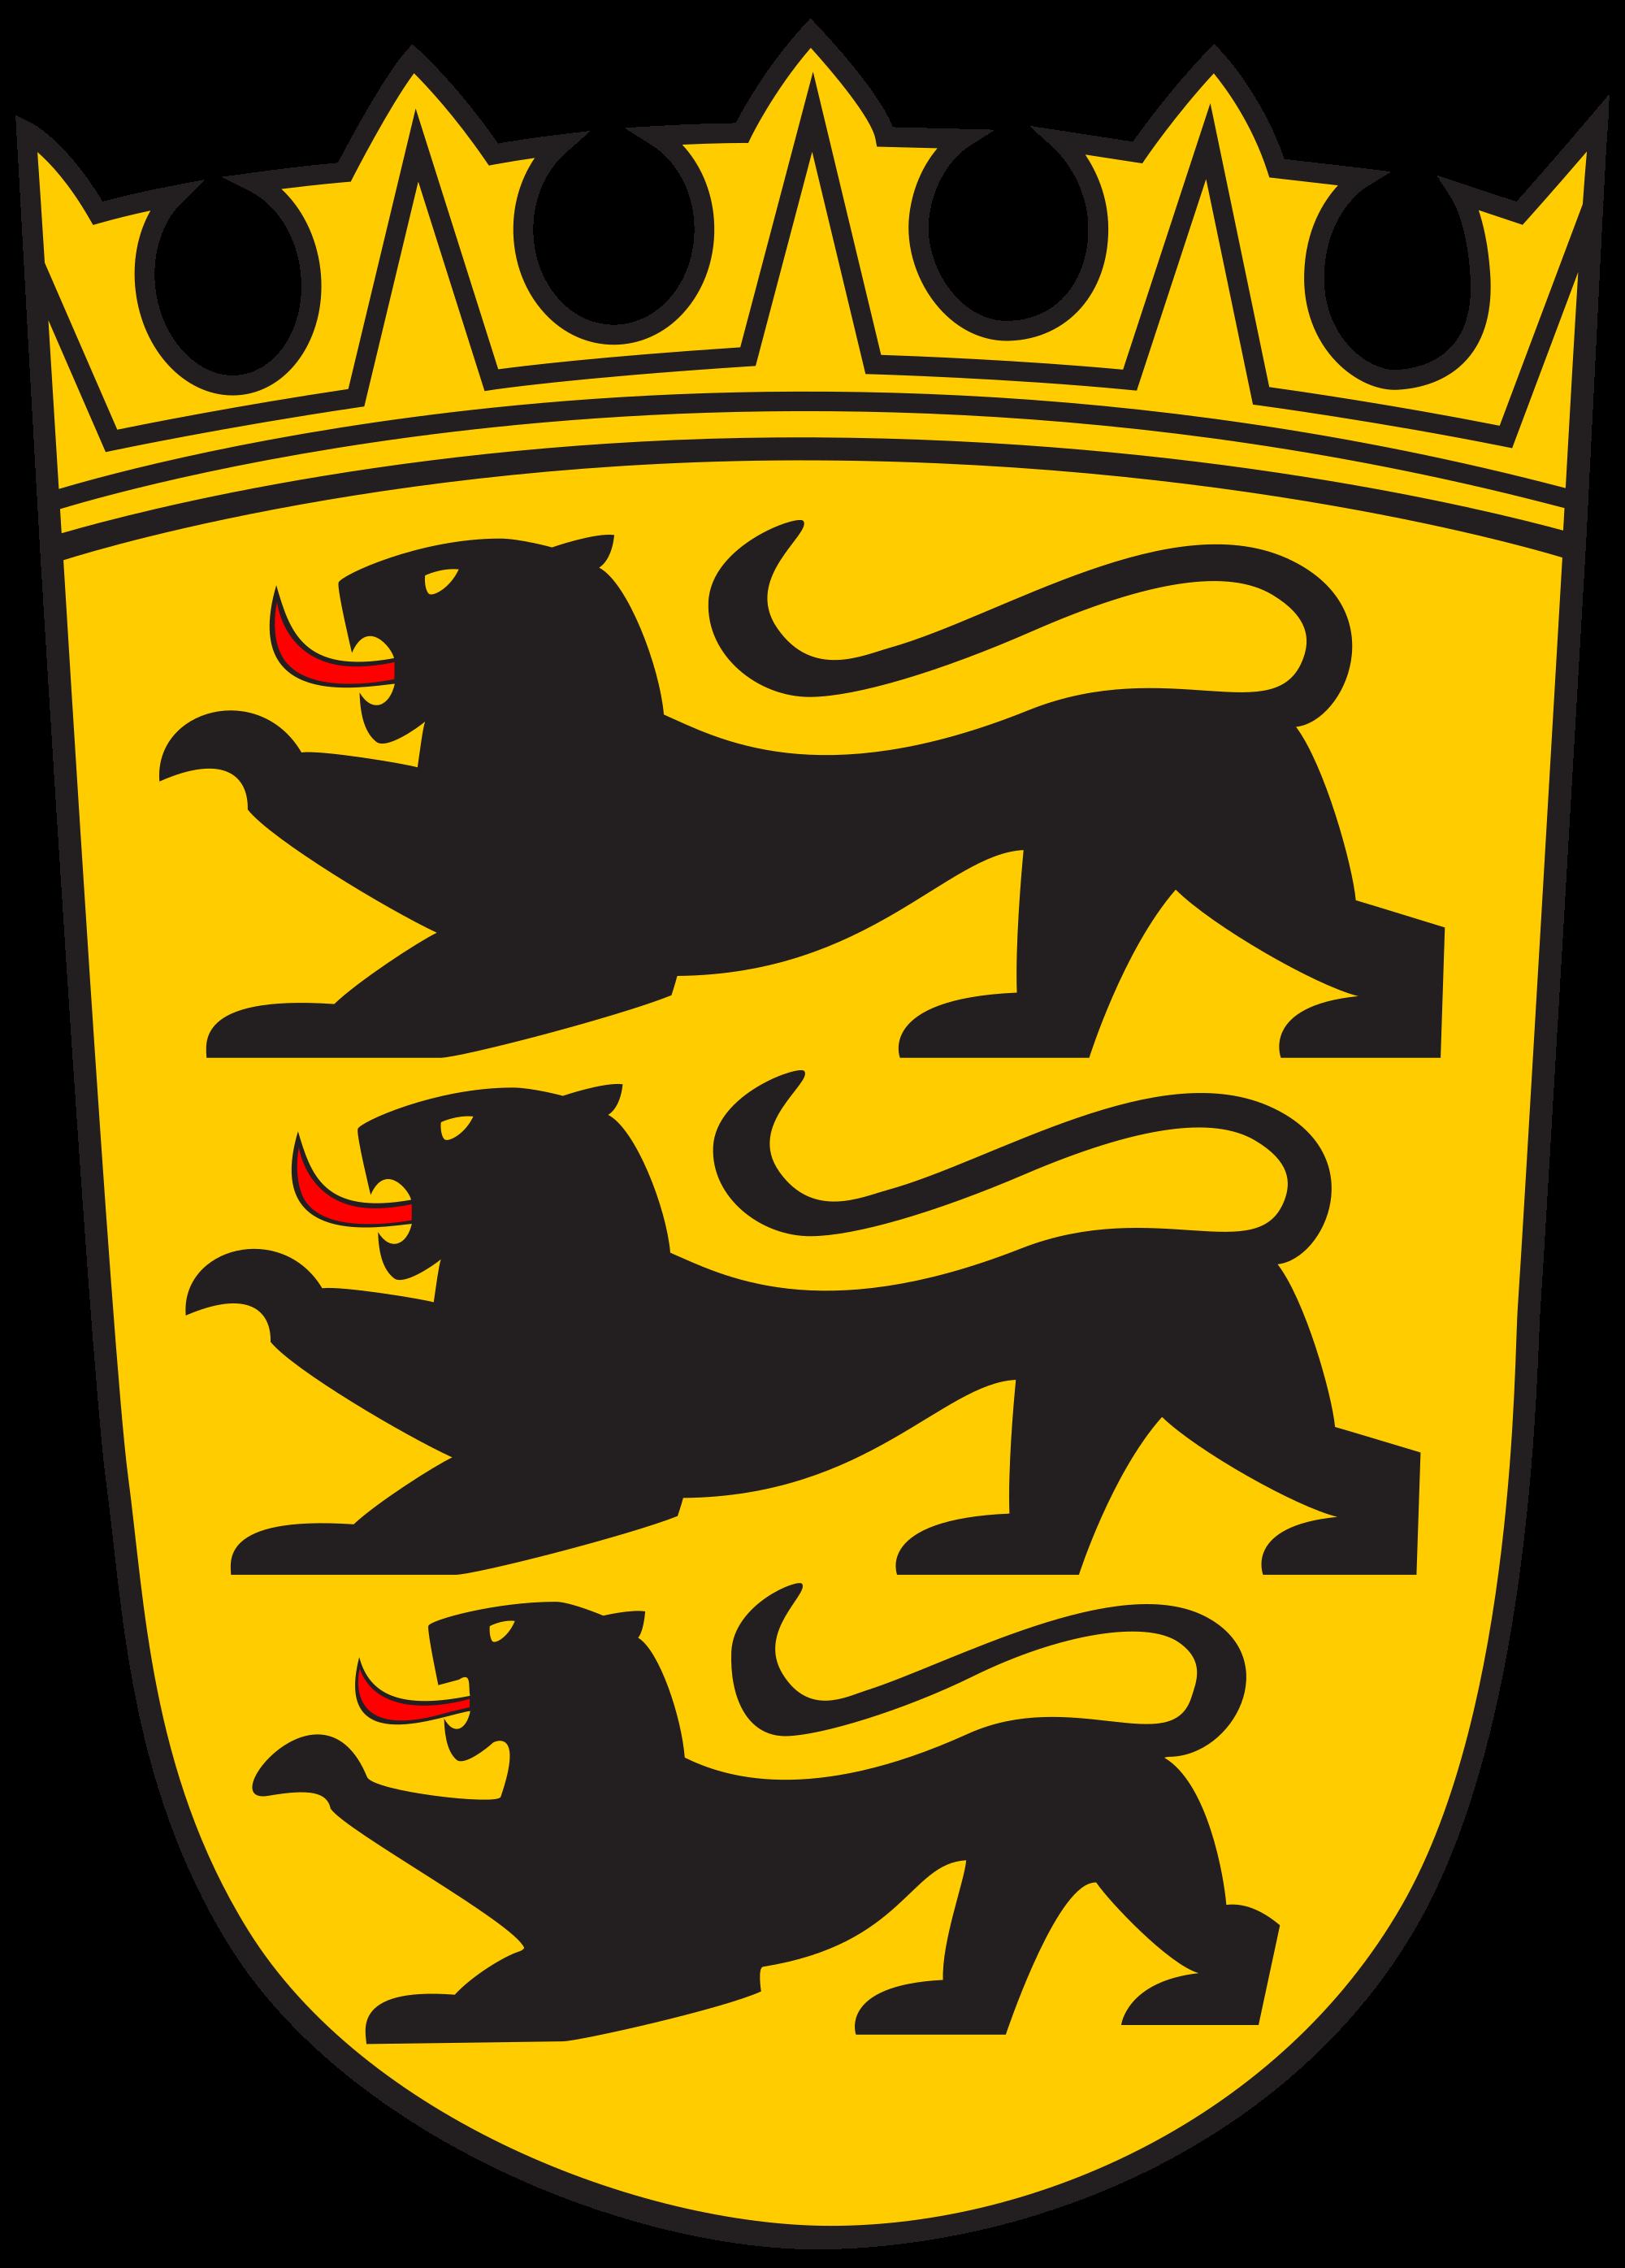 Wappen Ennepe-Ruhr-Kreis